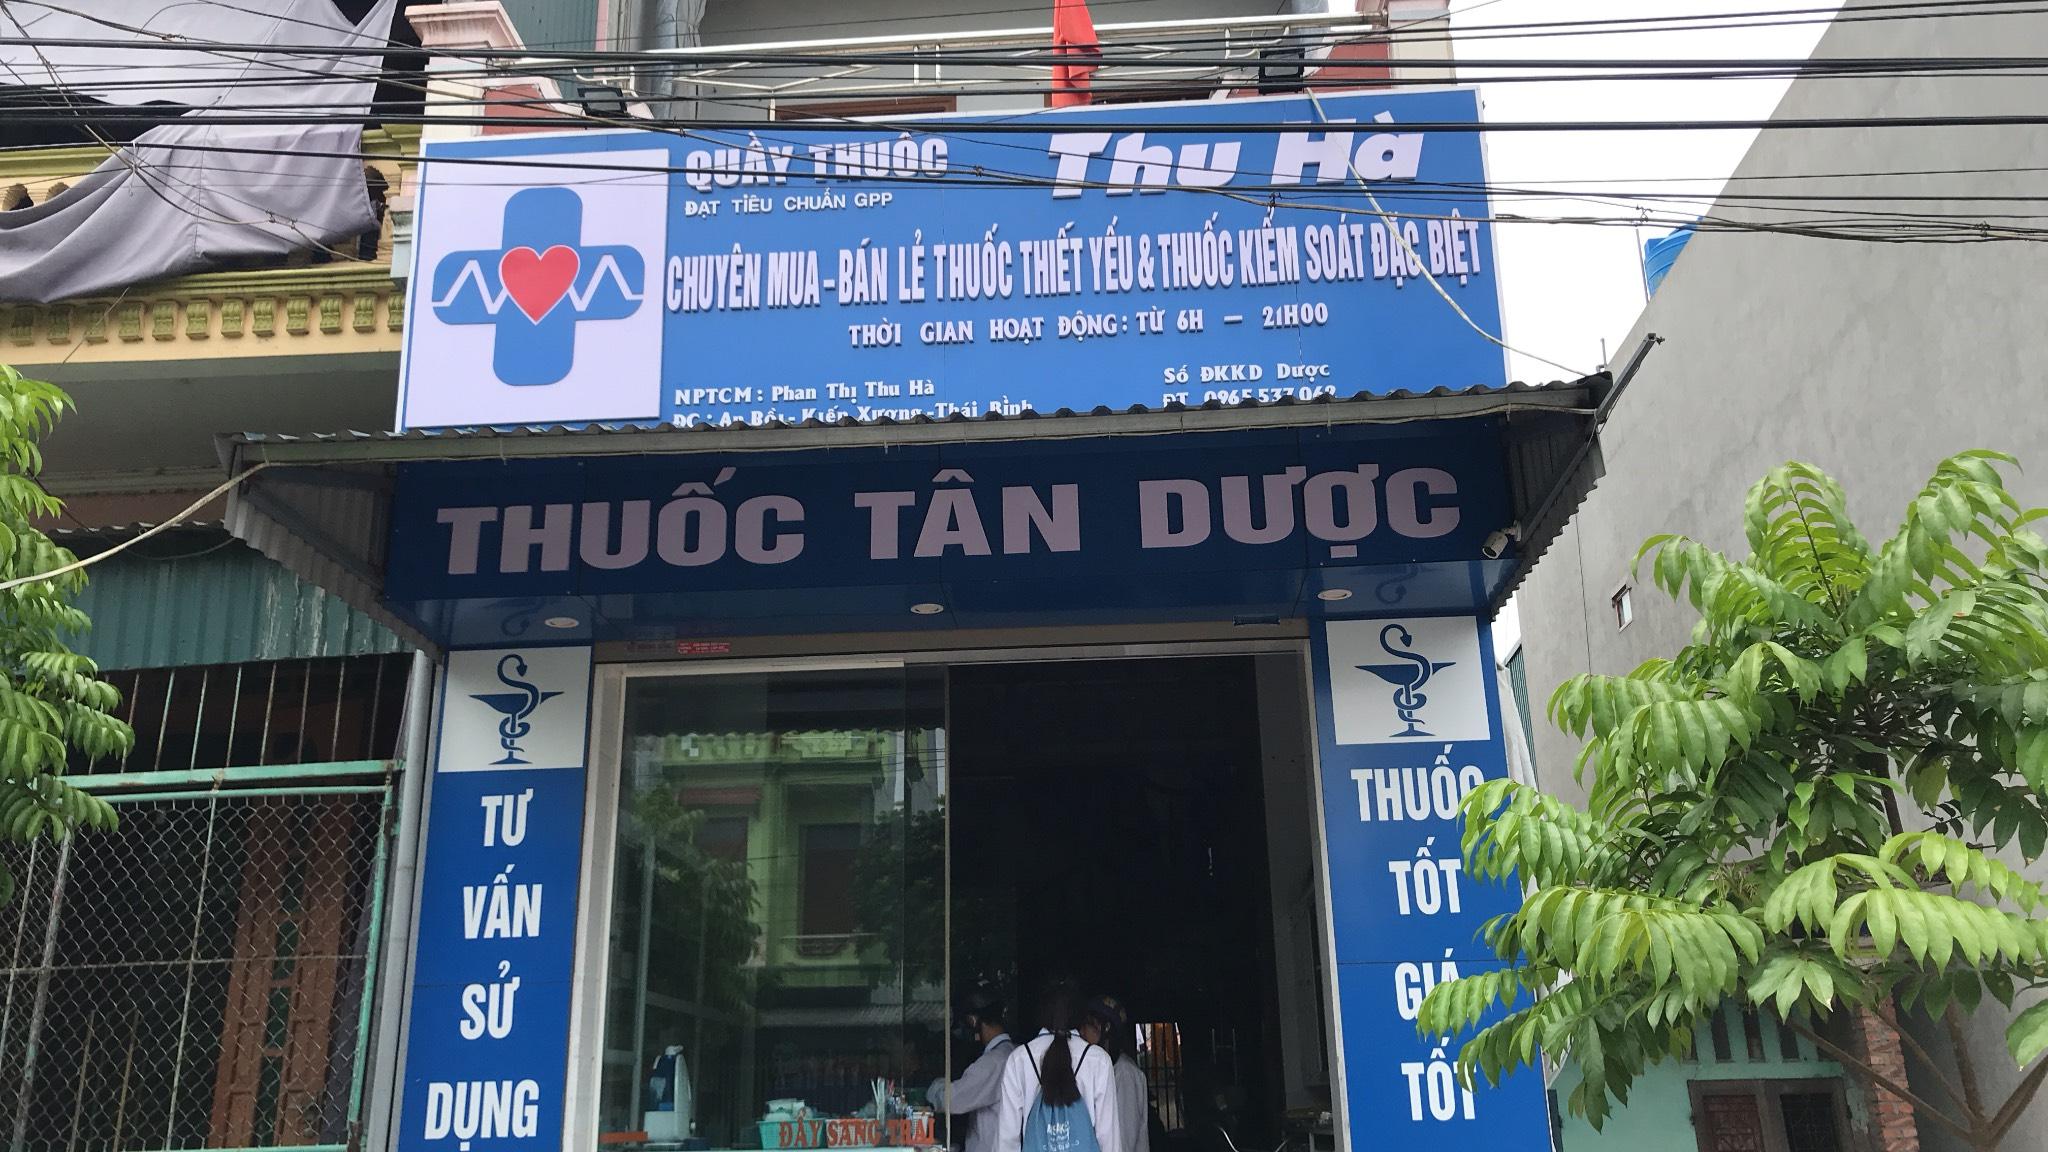 QT Thu Hà